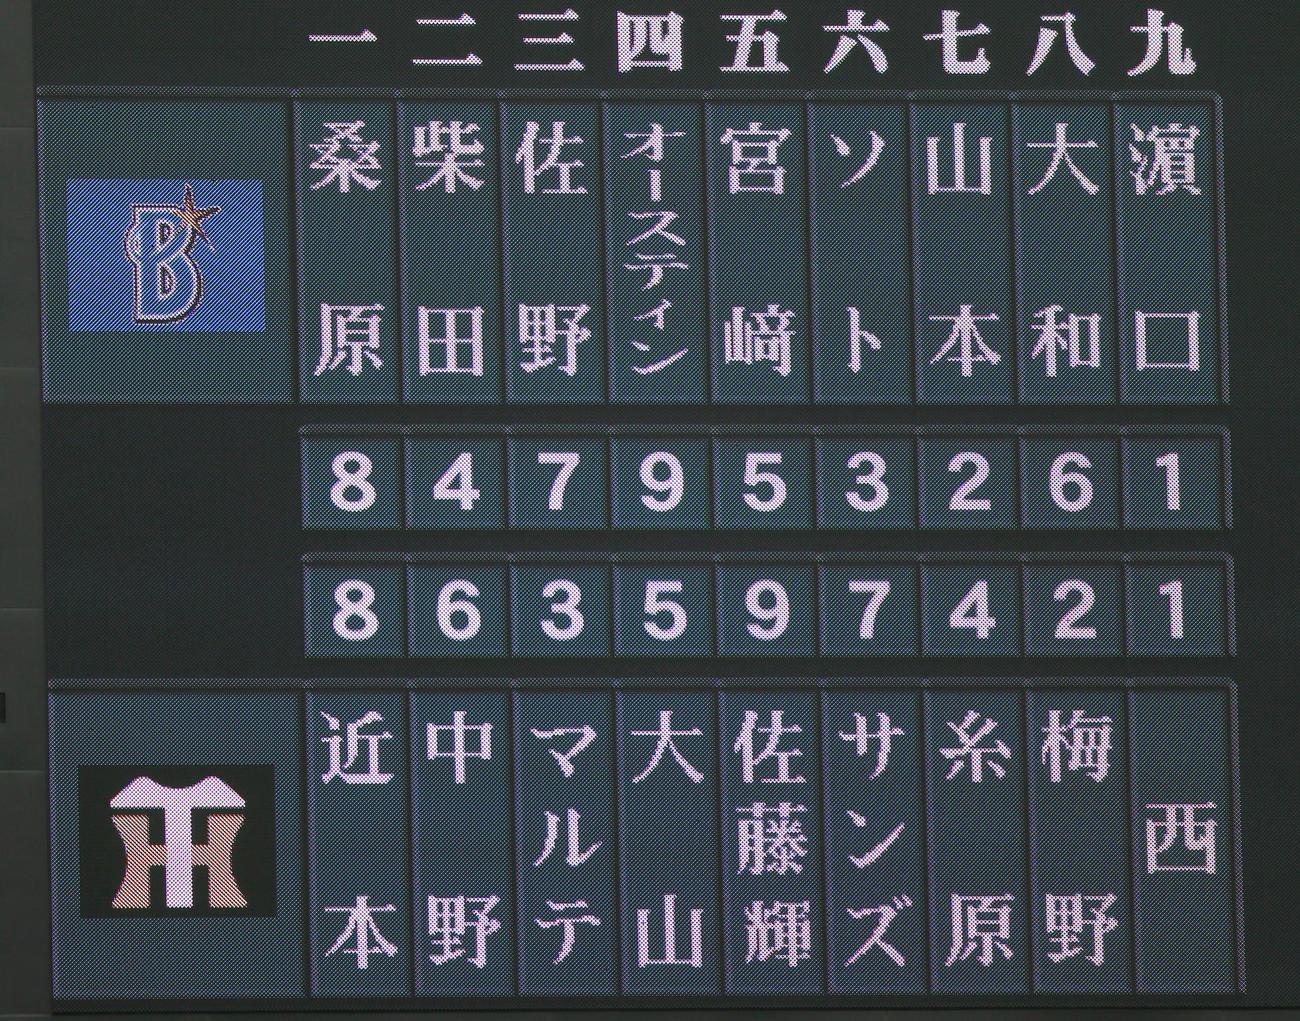 阪神対DeNA 両チームのスタメン(撮影・上山淳一)